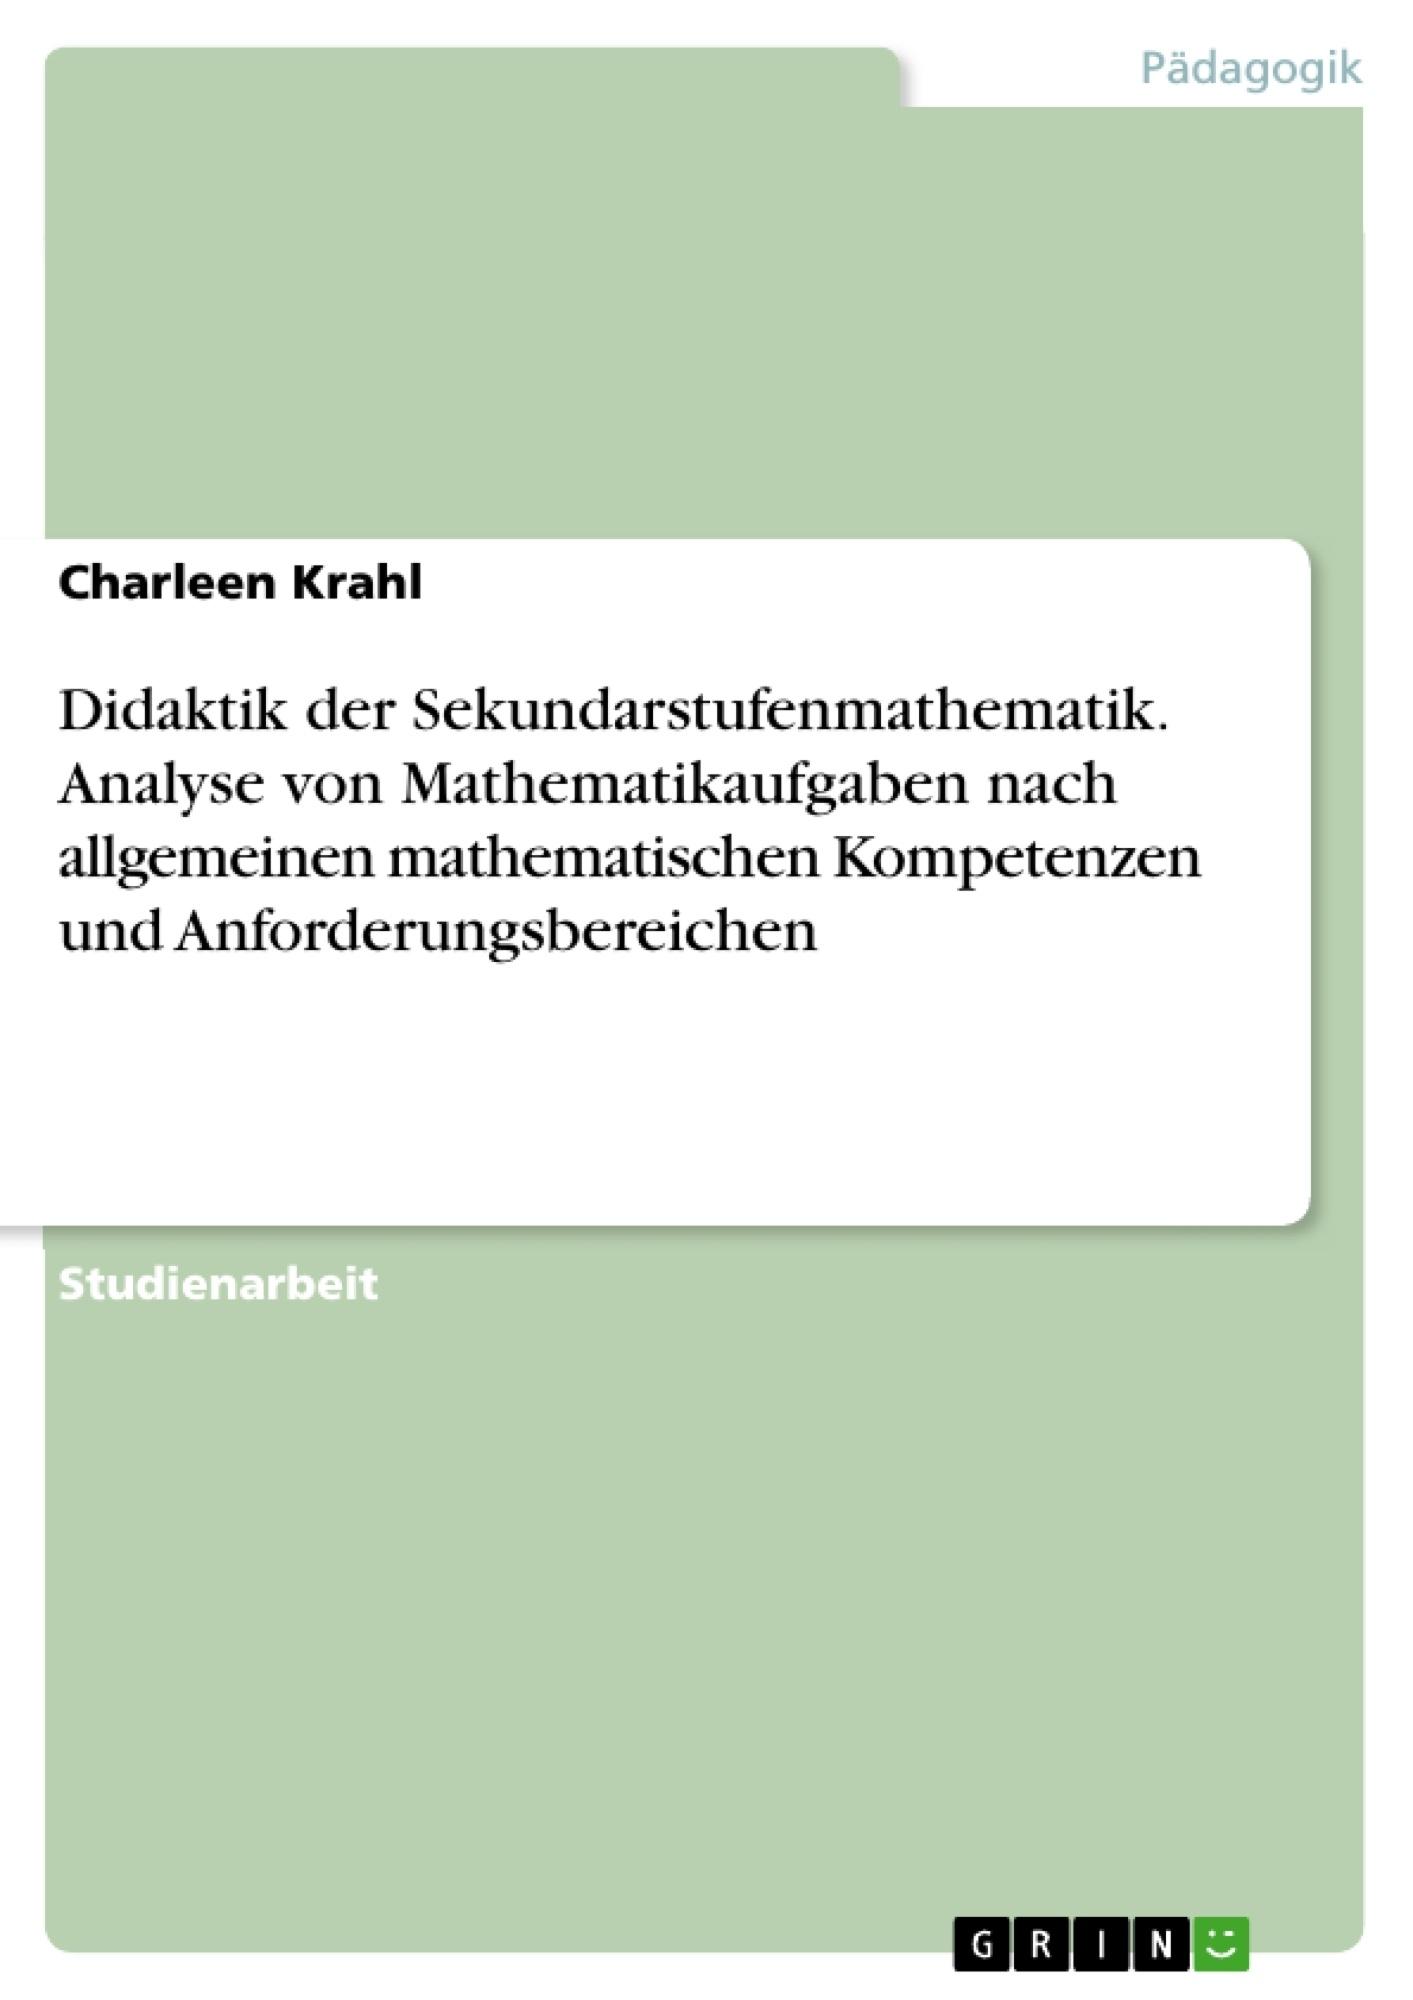 Titel: Didaktik der Sekundarstufenmathematik. Analyse von Mathematikaufgaben nach allgemeinen mathematischen Kompetenzen und Anforderungsbereichen